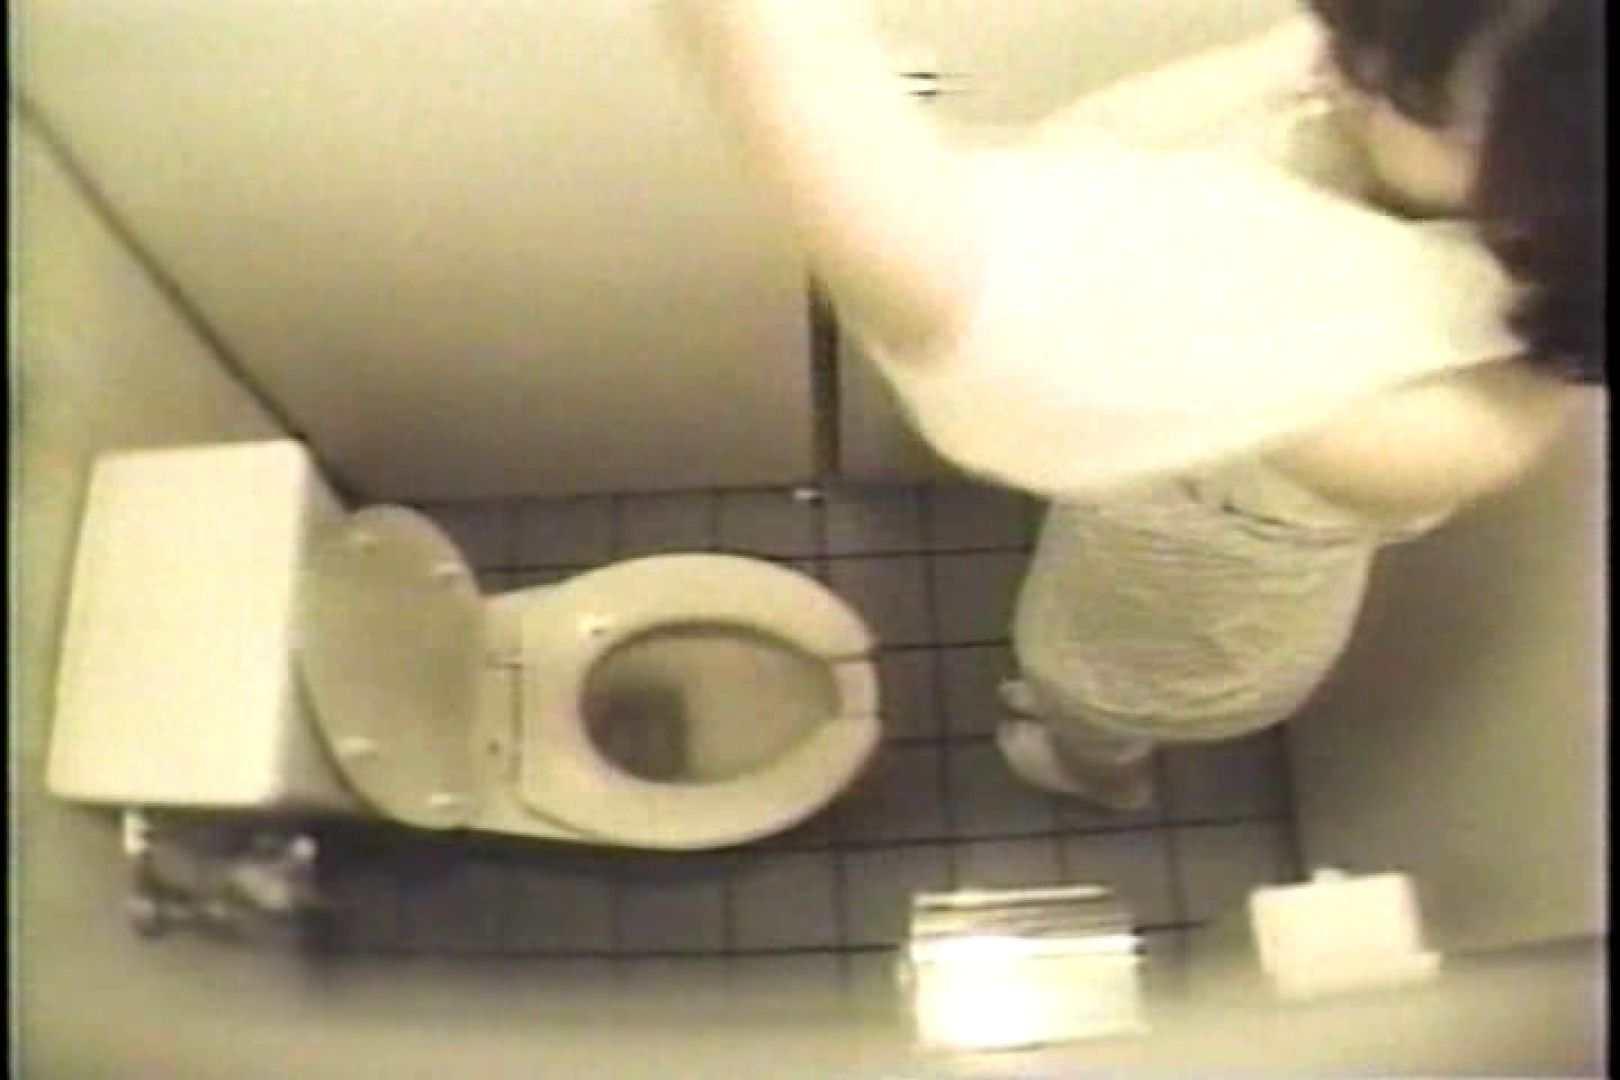 盗撮 女子洗面所3ヶ所入ってしゃがんで音出して 洗面所 オマンコ無修正動画無料 109連発 75